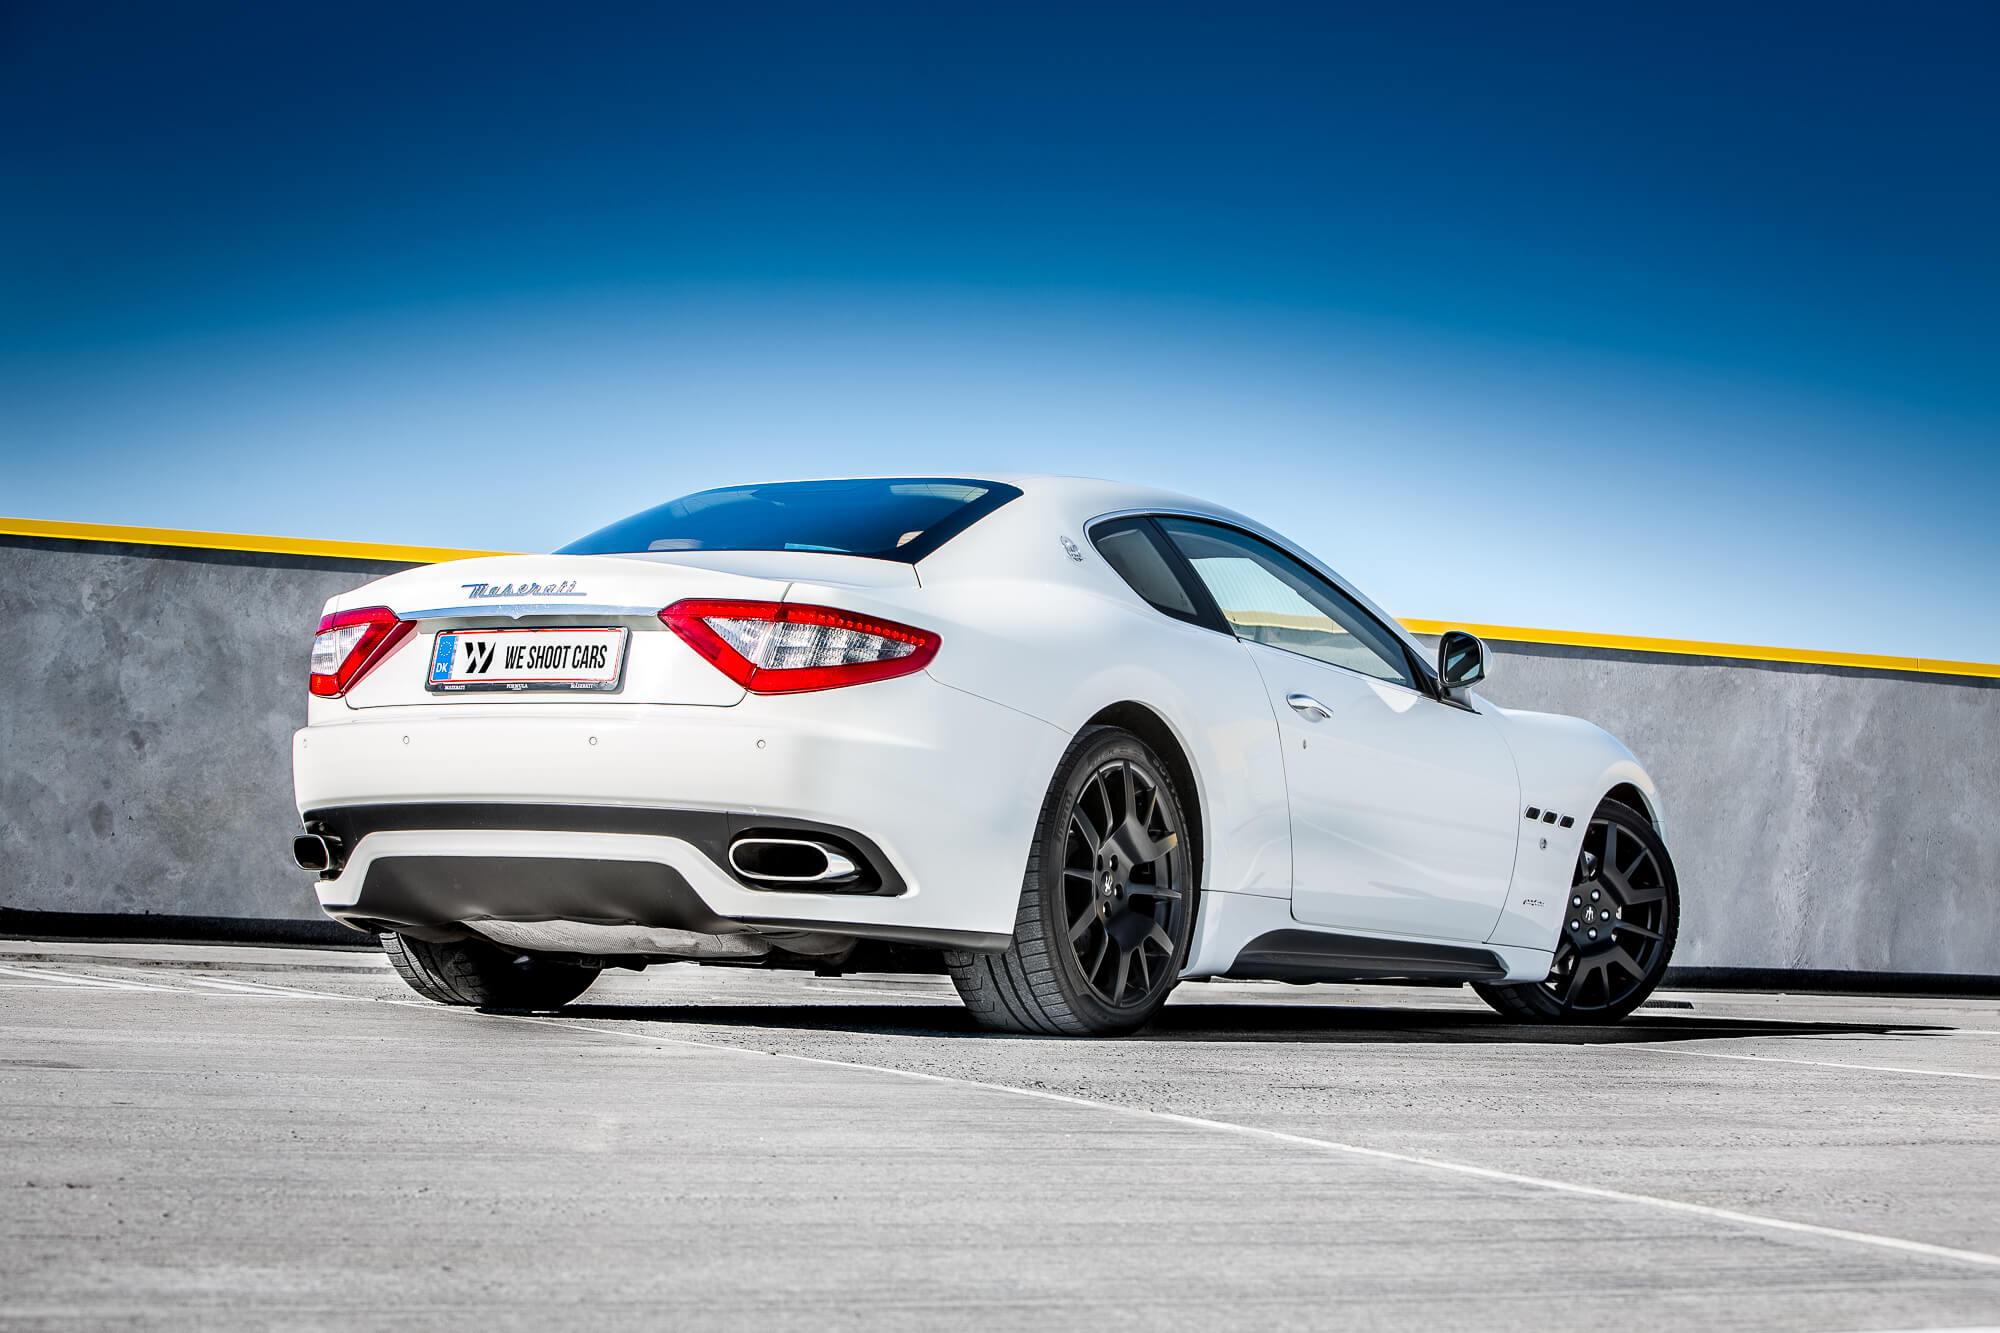 White Maserati GranTurismo S rear